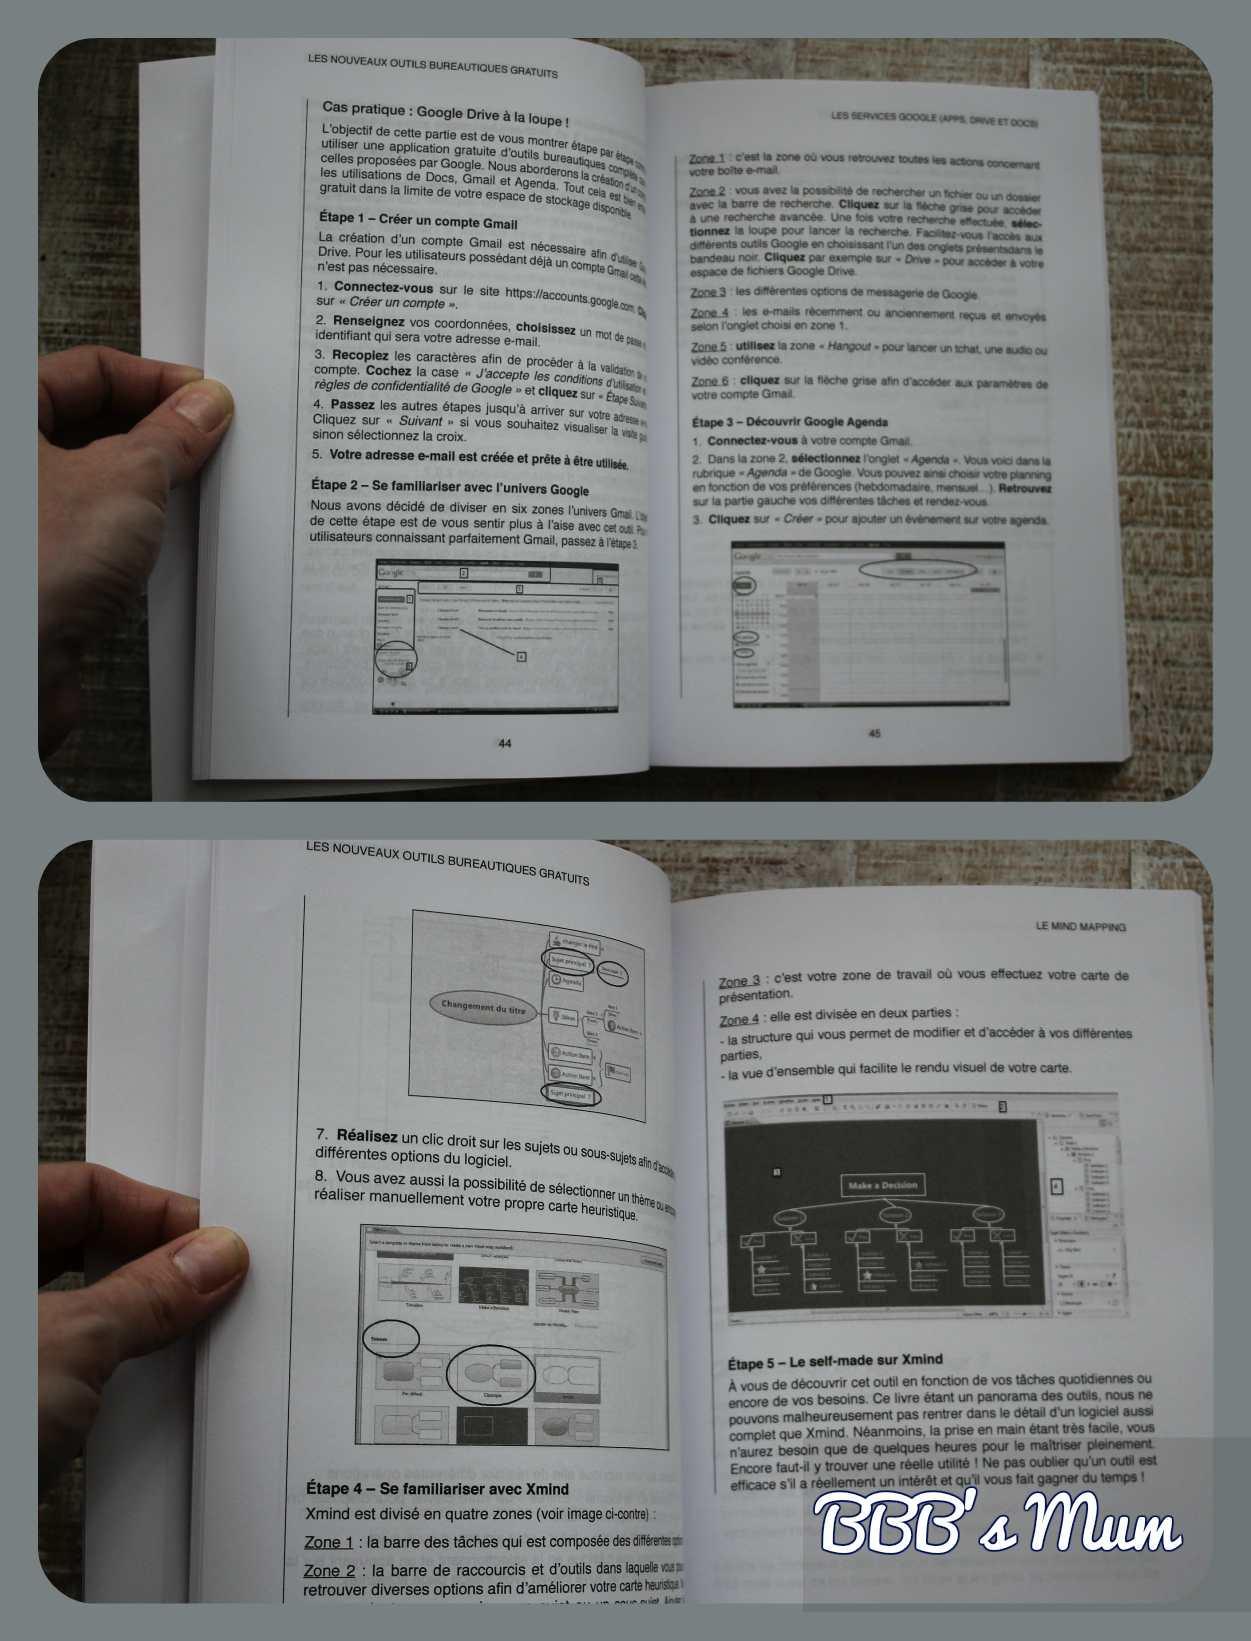 5W1H Methods http://www.docstoc.com/docs/55029994/Efficient-group ...